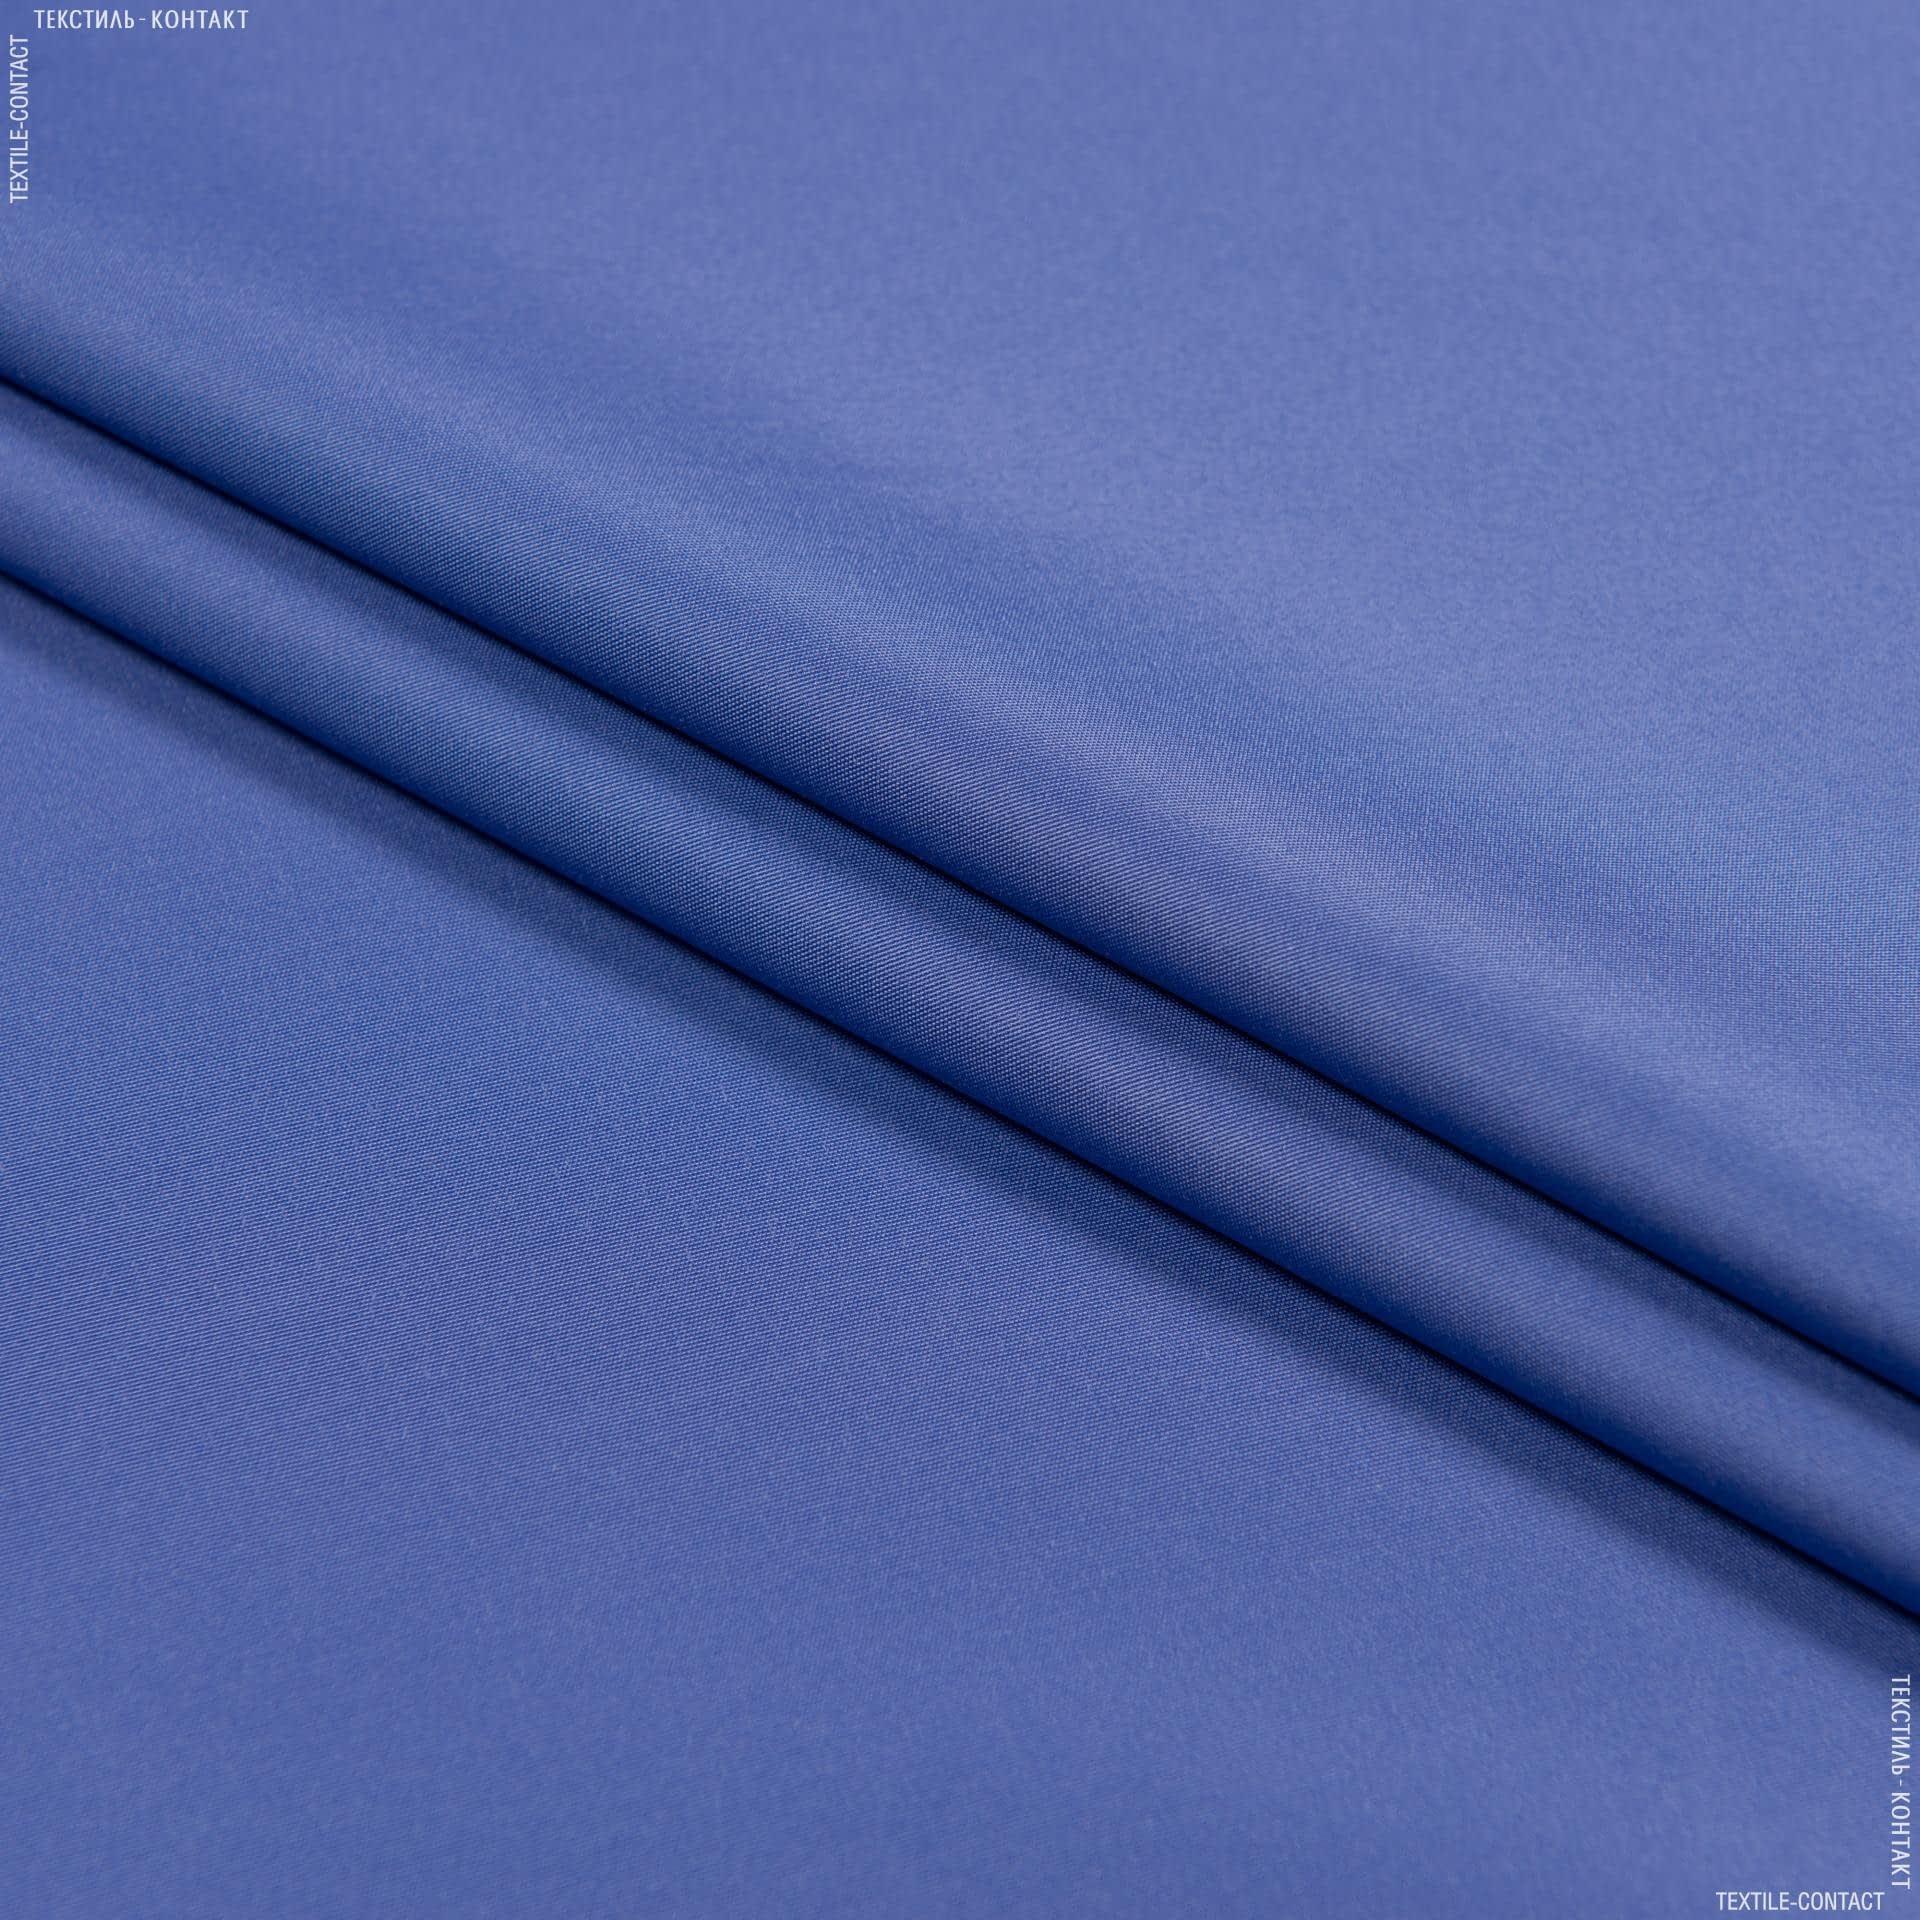 Тканини для наметів - Ода курточна електрик